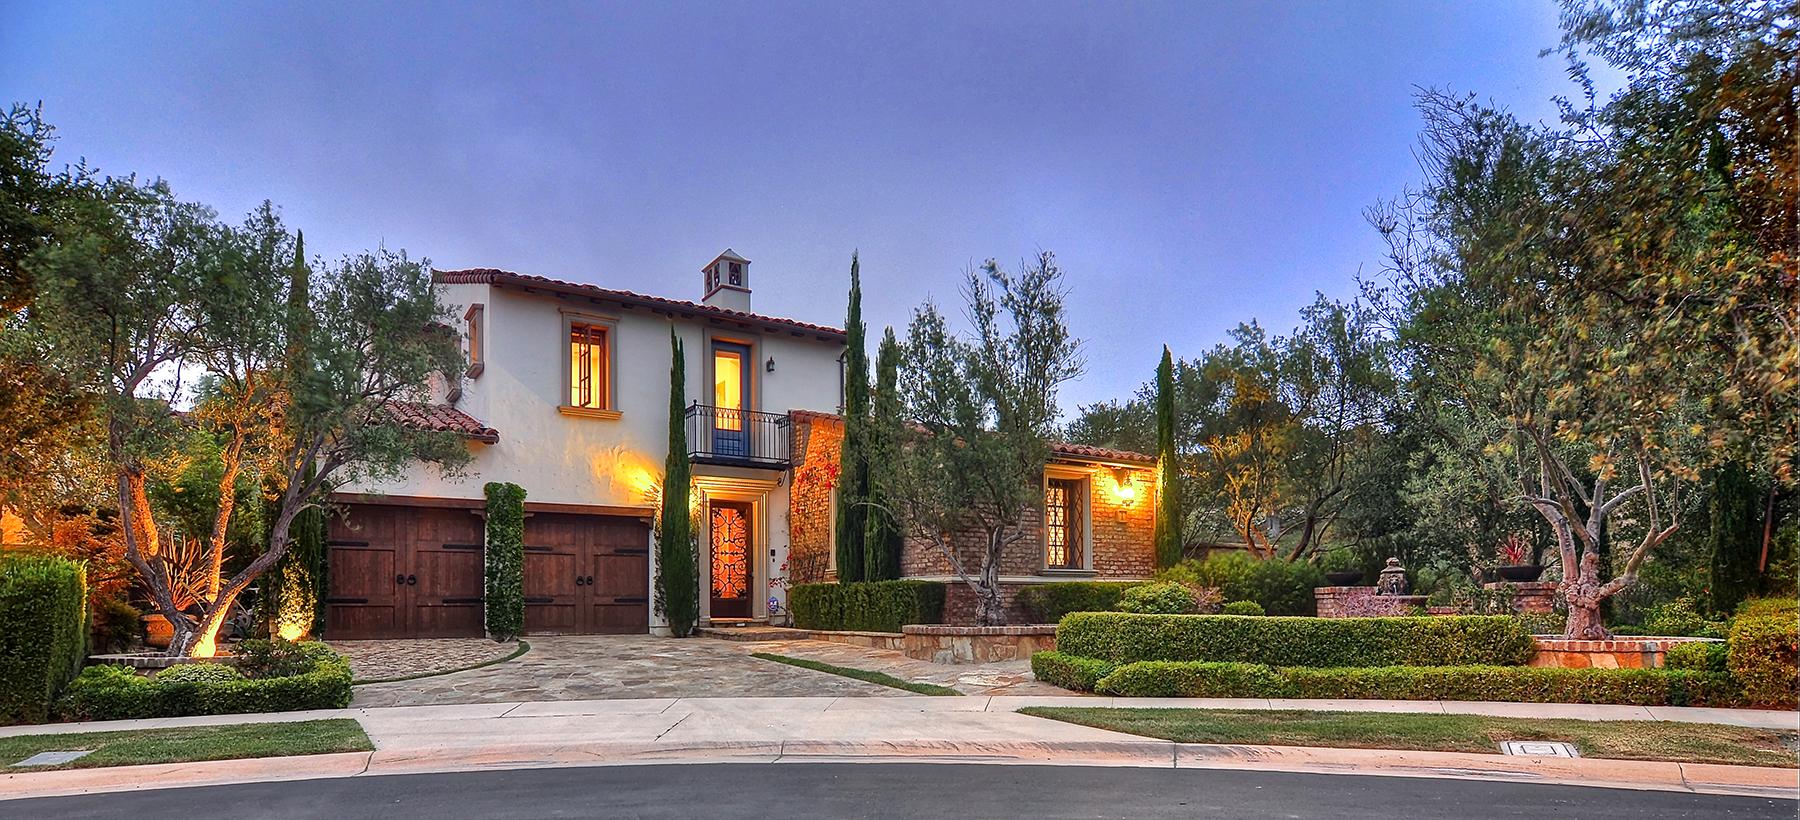 独户住宅 为 销售 在 1 Sundial Newport Coast, 加利福尼亚州 92657 美国